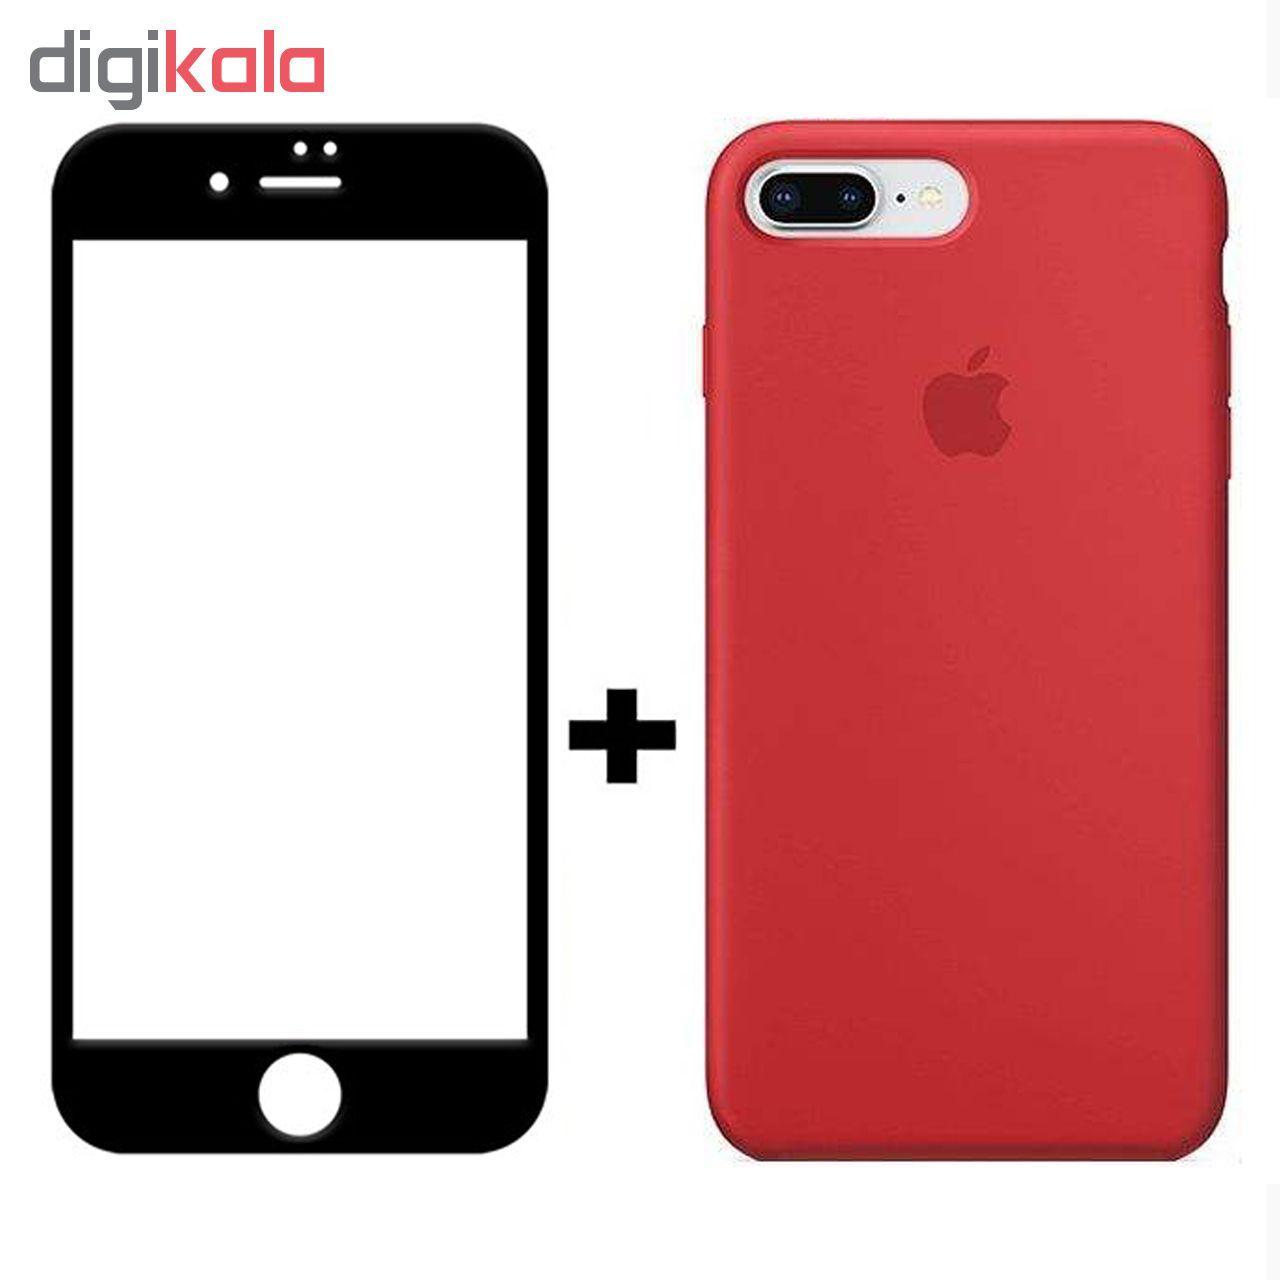 کاور سیلیکونی مدل SlC مناسب برای گوشی موبایل اپل آیفون 6/6s  به همراه محافظ صفحه نمایش 5D main 1 8